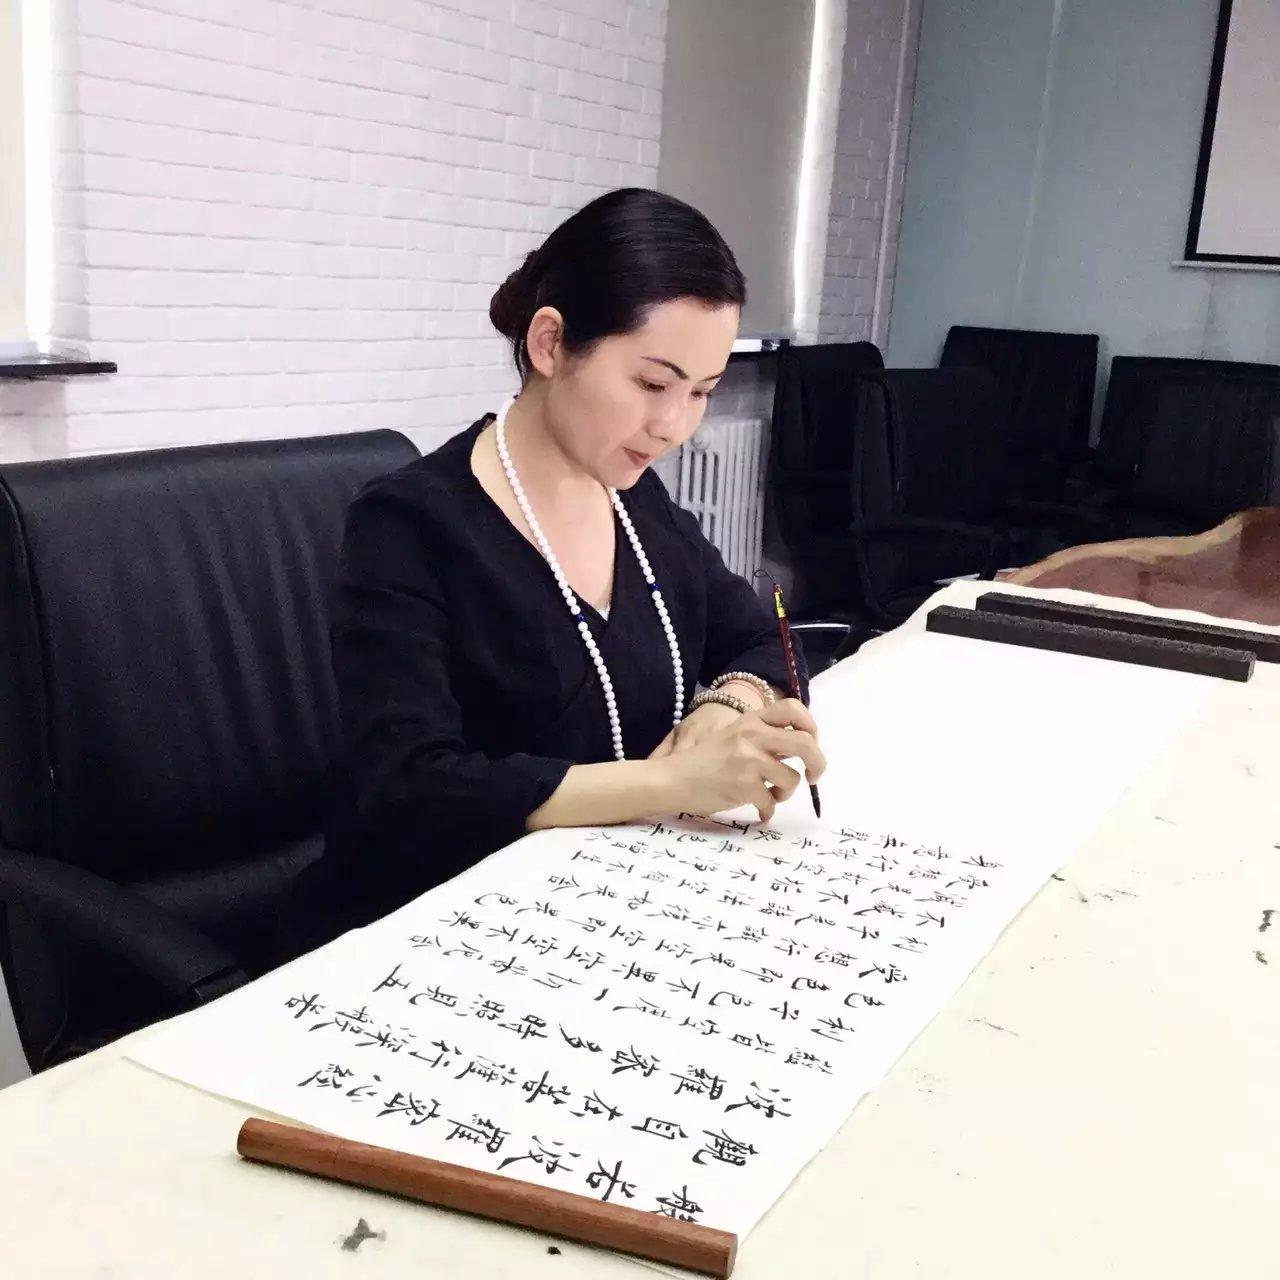 中华起名第一人董易姗姓名学